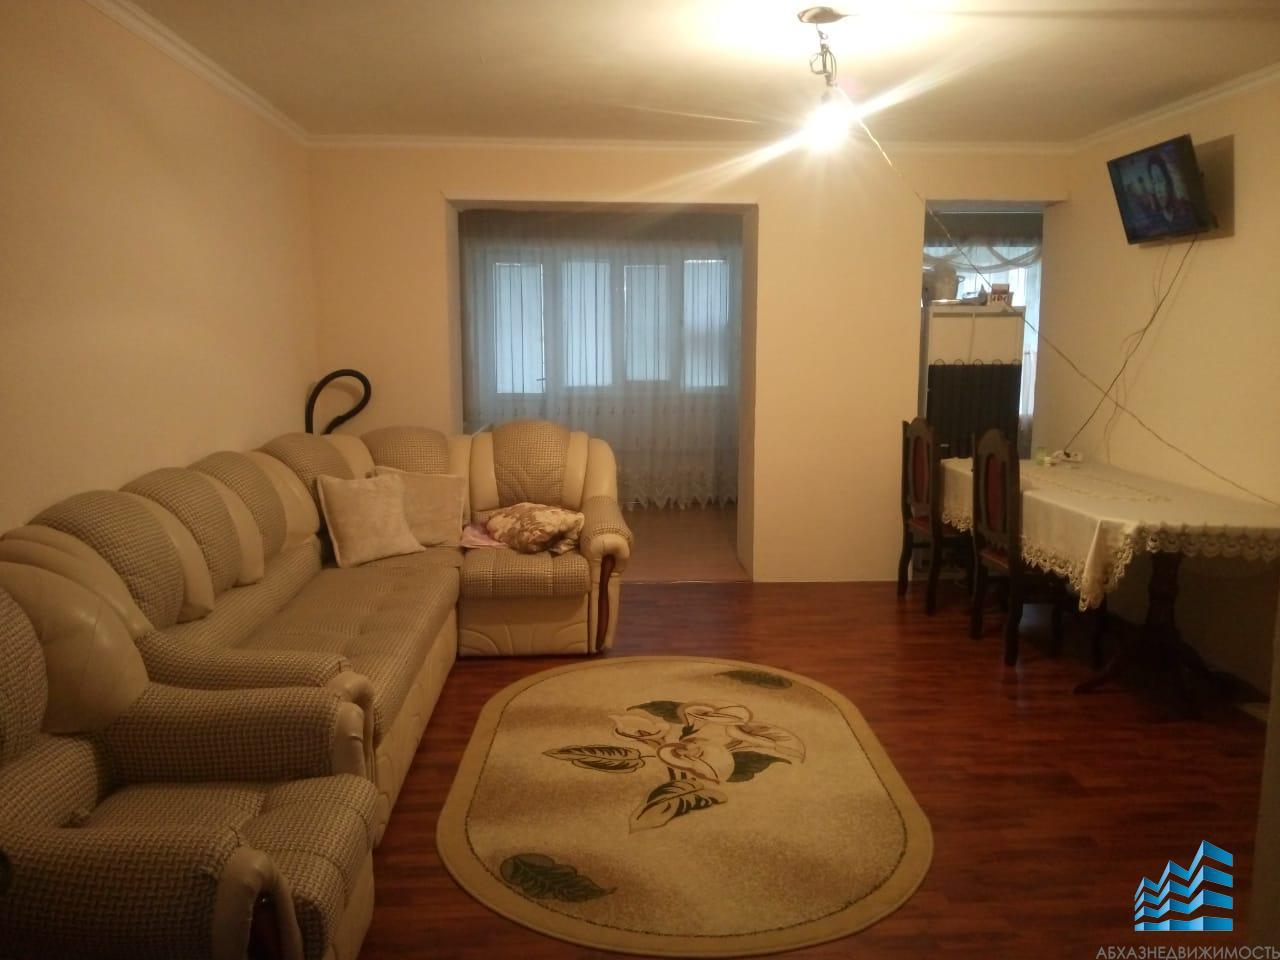 2-комнатная квартира с ремонтом за 850 тыс.руб